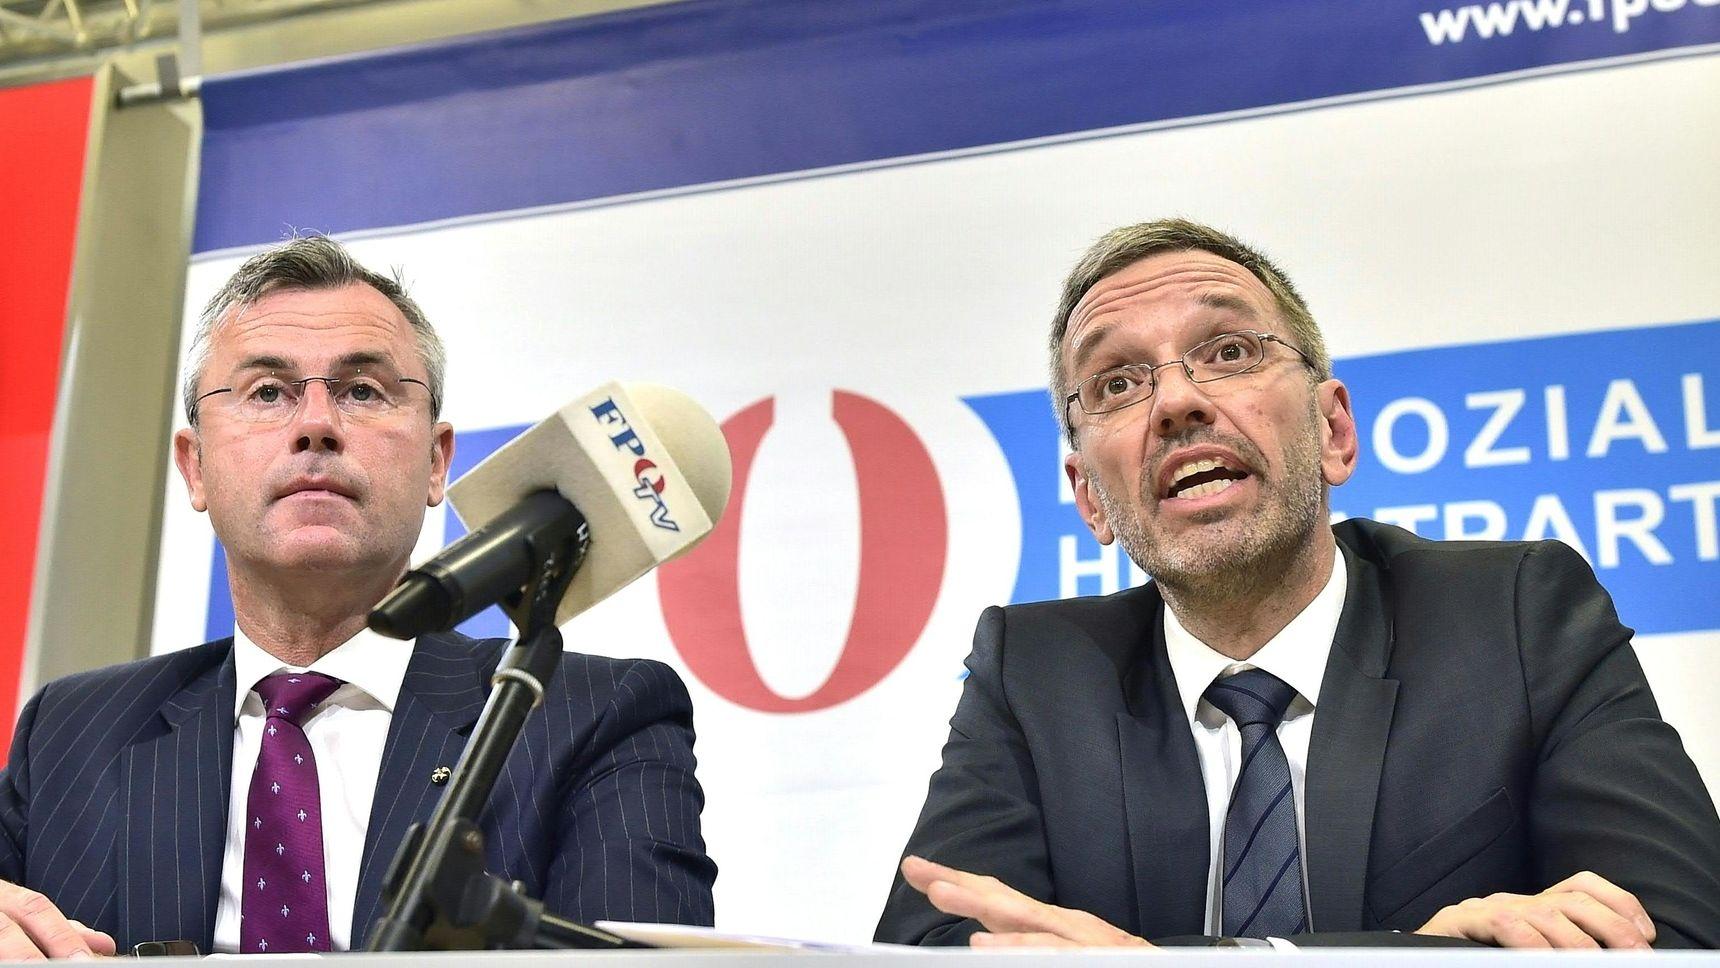 Norbert Hofer (l), designierter FPÖ-Parteichef, und Herbert Kickl (FPÖ), Innenminister von Österreich, sprechen während einer Pressekonferenz.